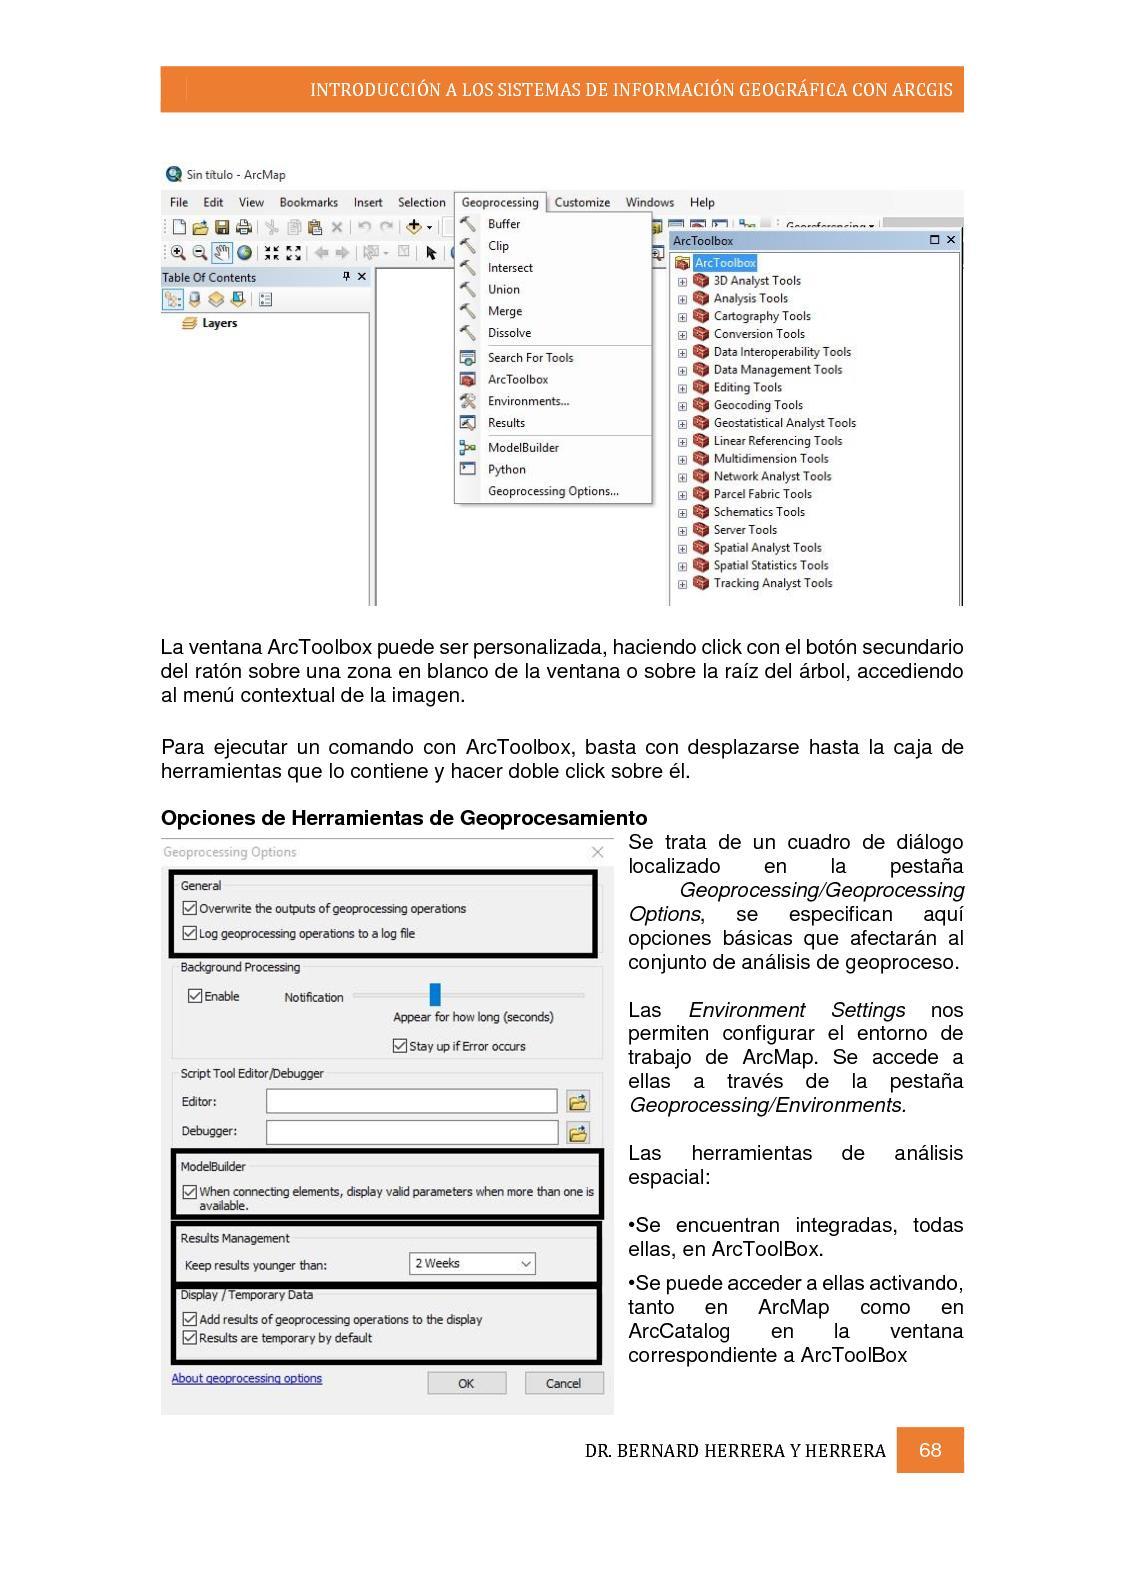 Manual De Prácticas SIG  Nivel básico - CALAMEO Downloader